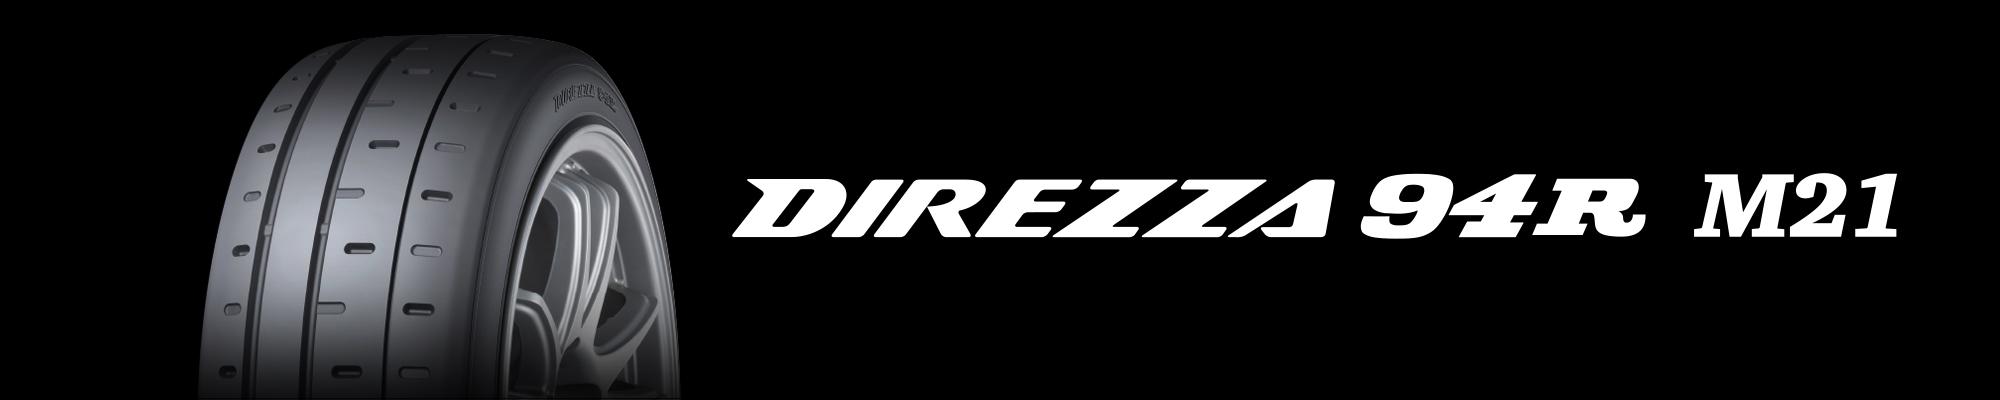 DIREZZA 94R M21